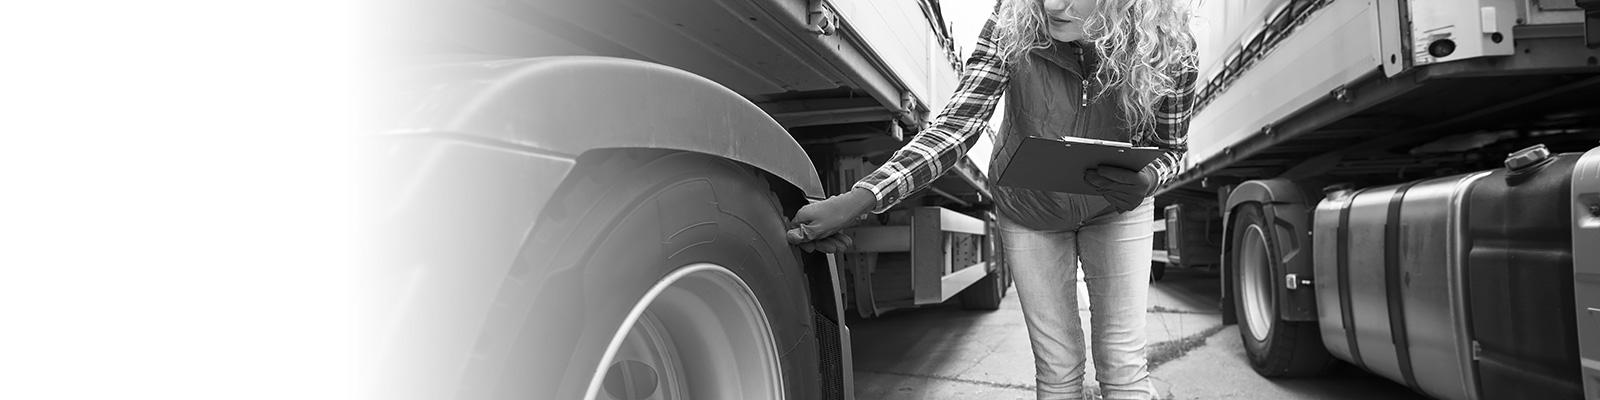 運送 トラック タイヤ メンテナンス イメージ